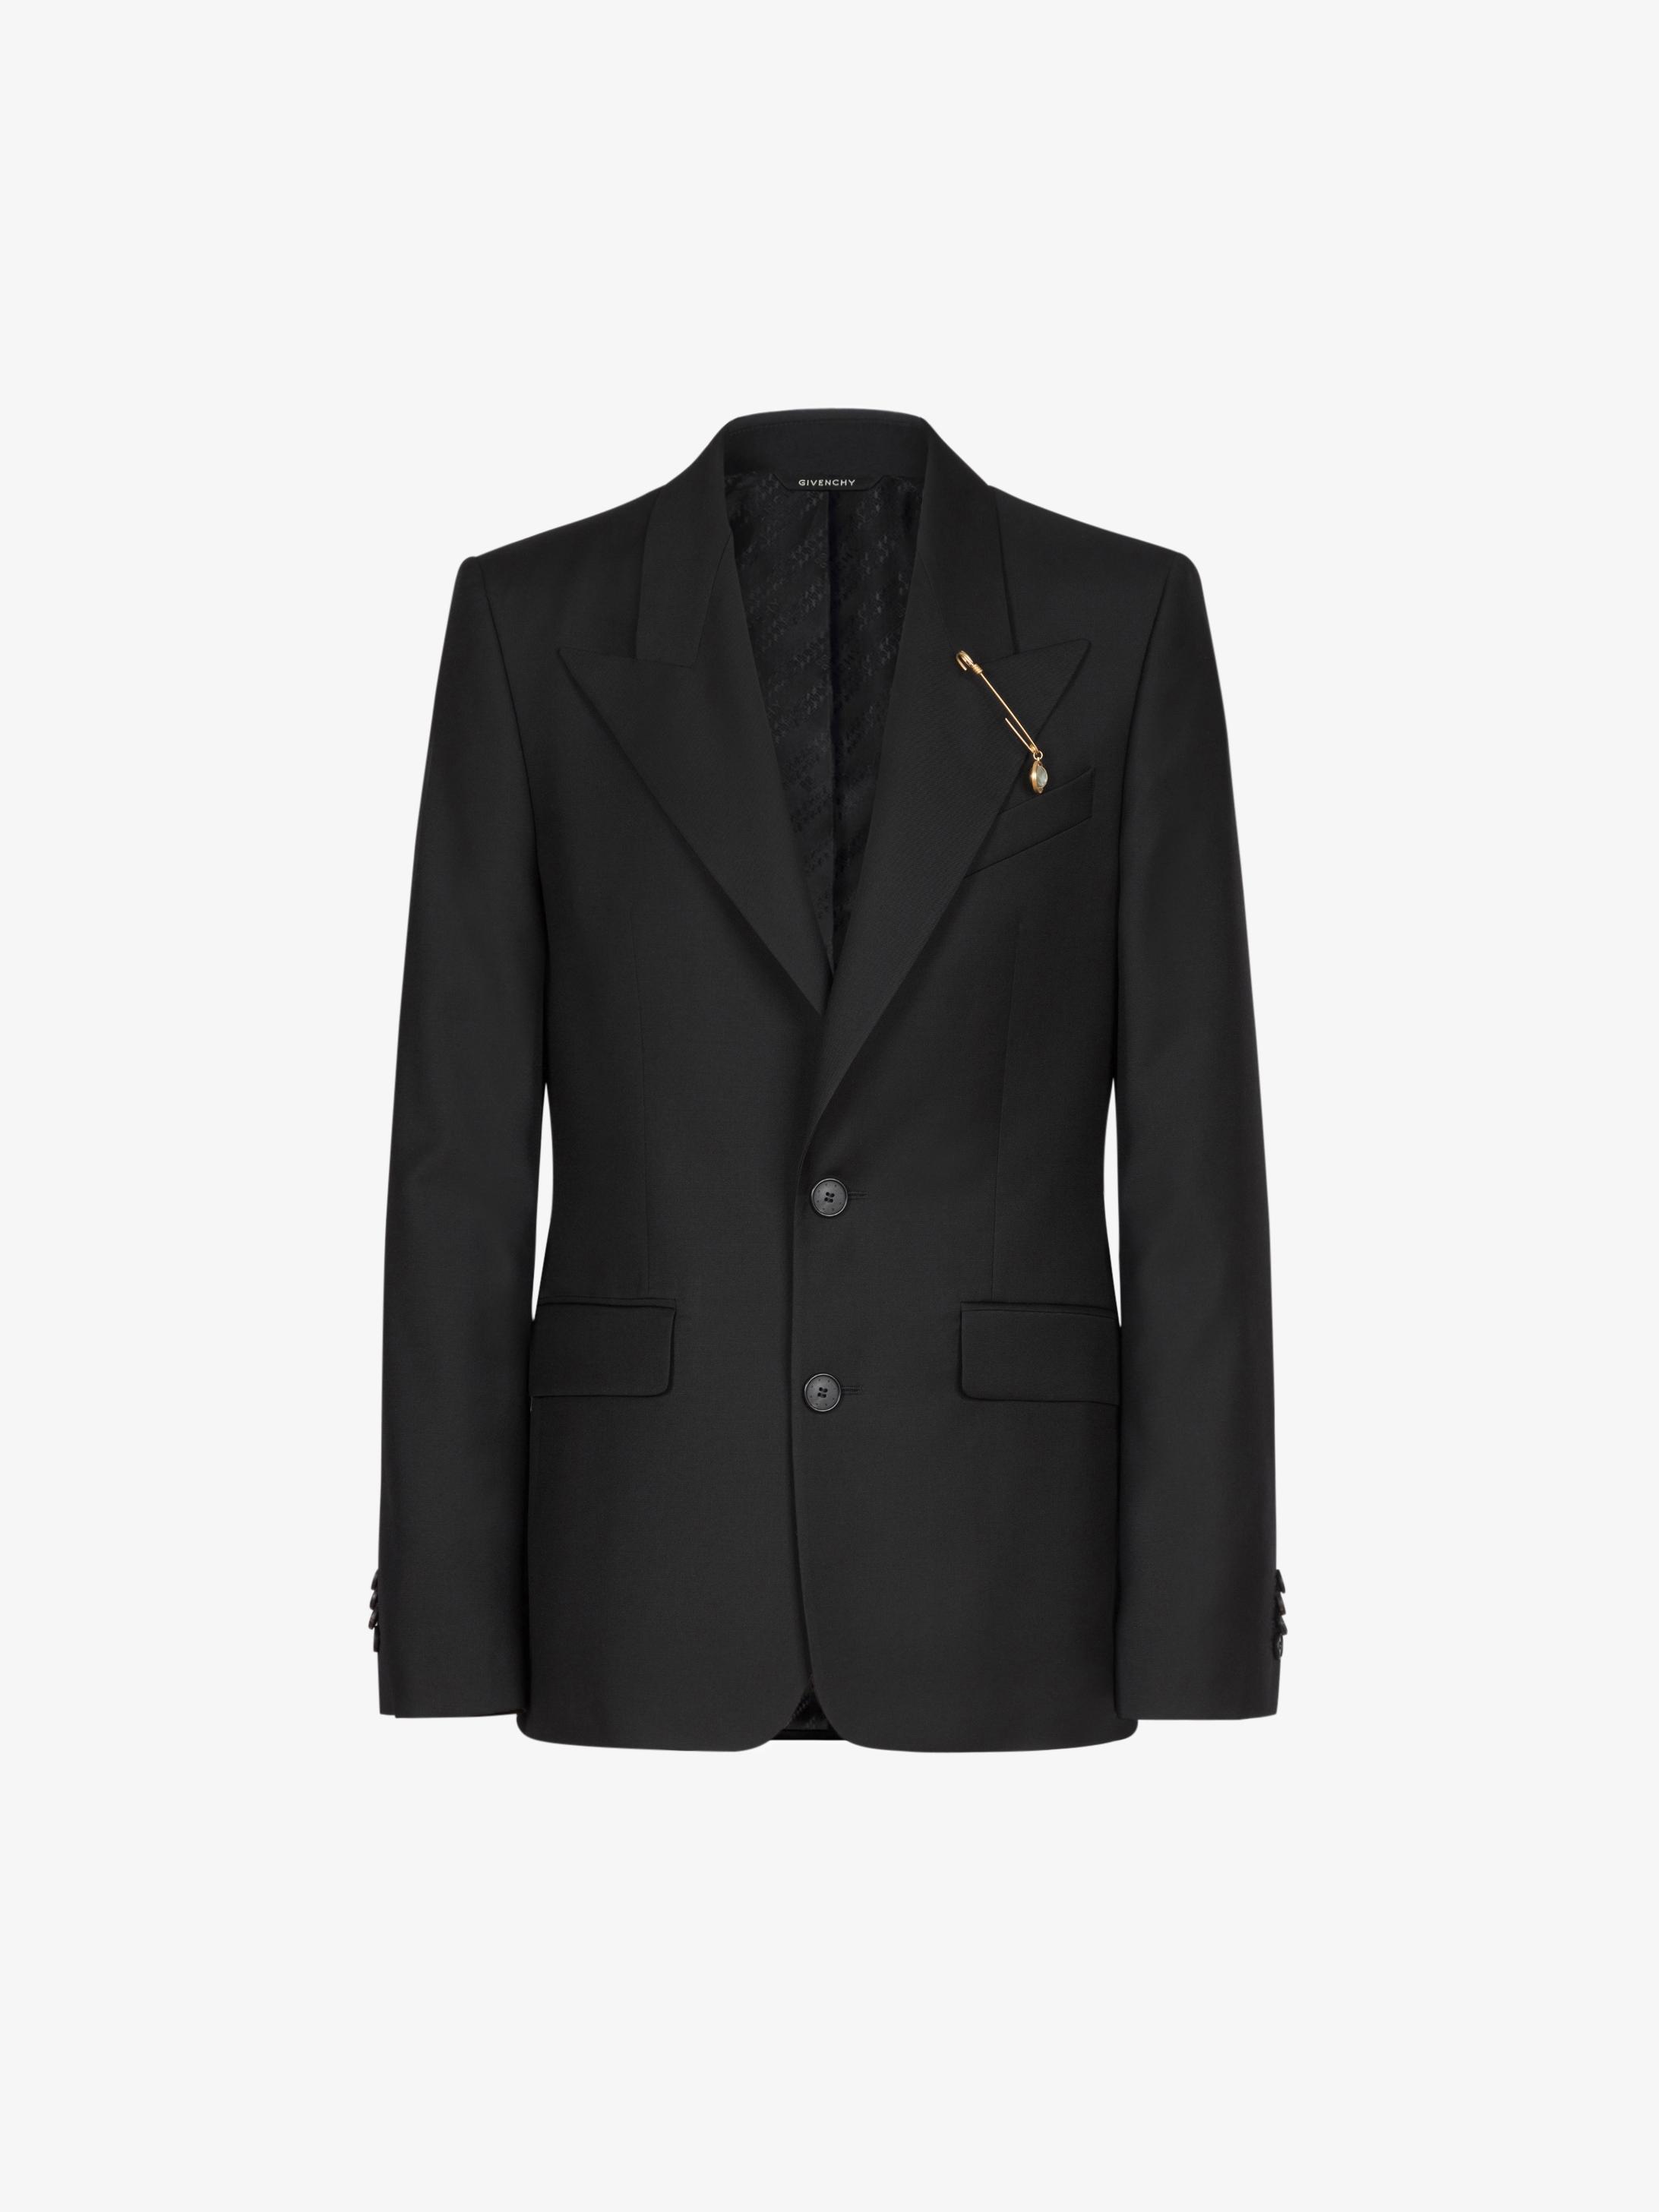 G 핀 장식 울 재킷